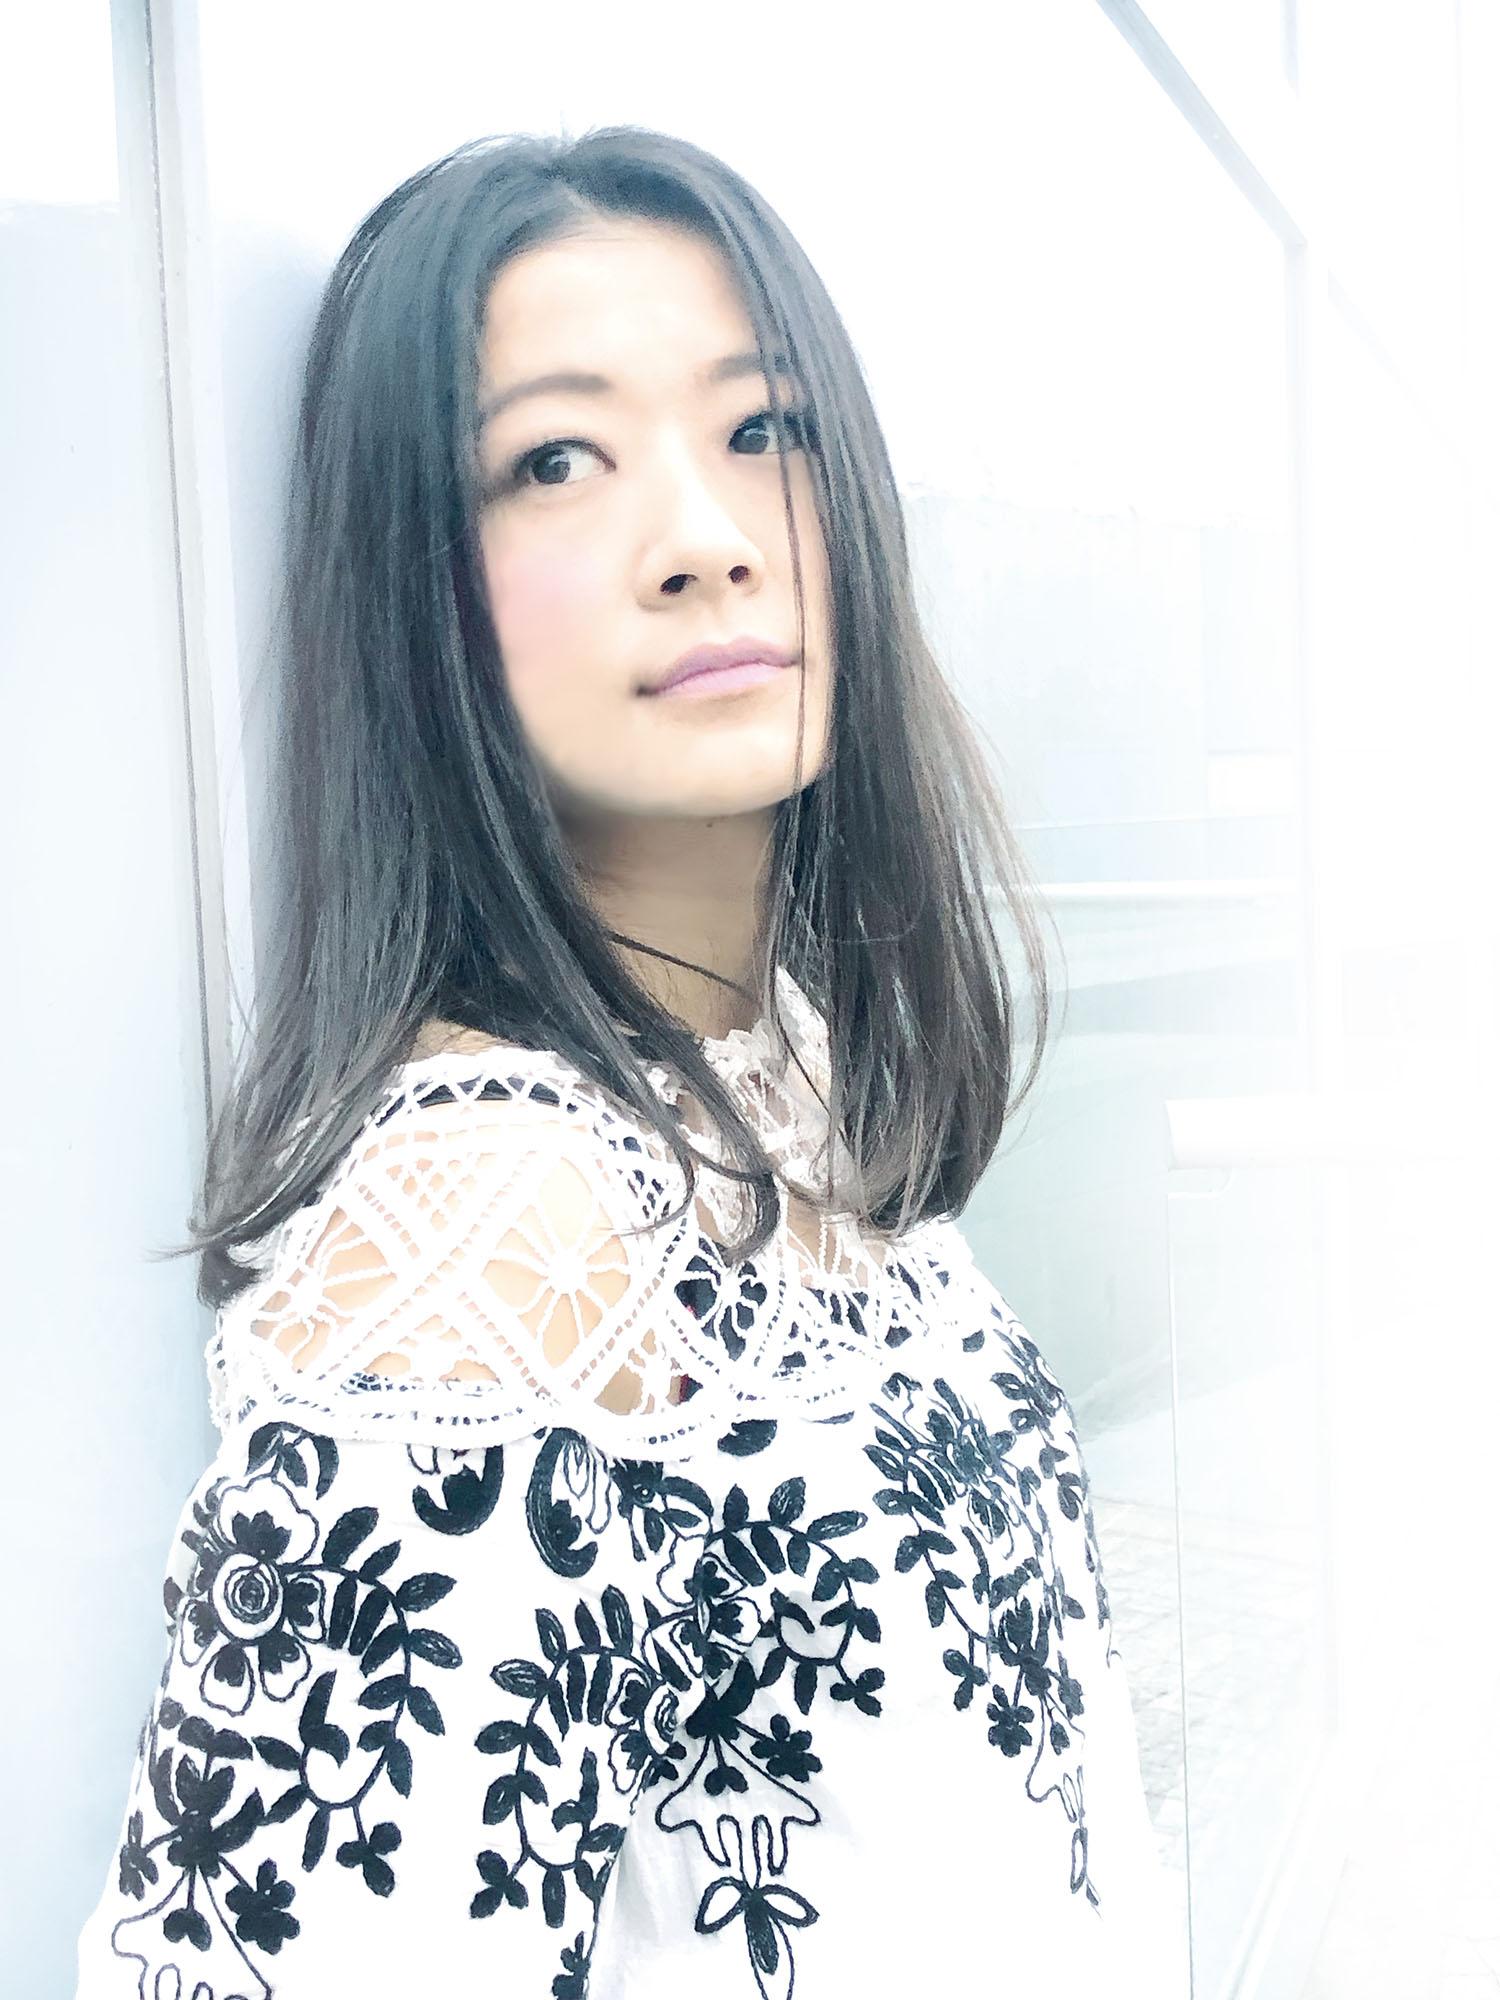 佐合井マリ子×佐藤有華 スペシャルツーマン